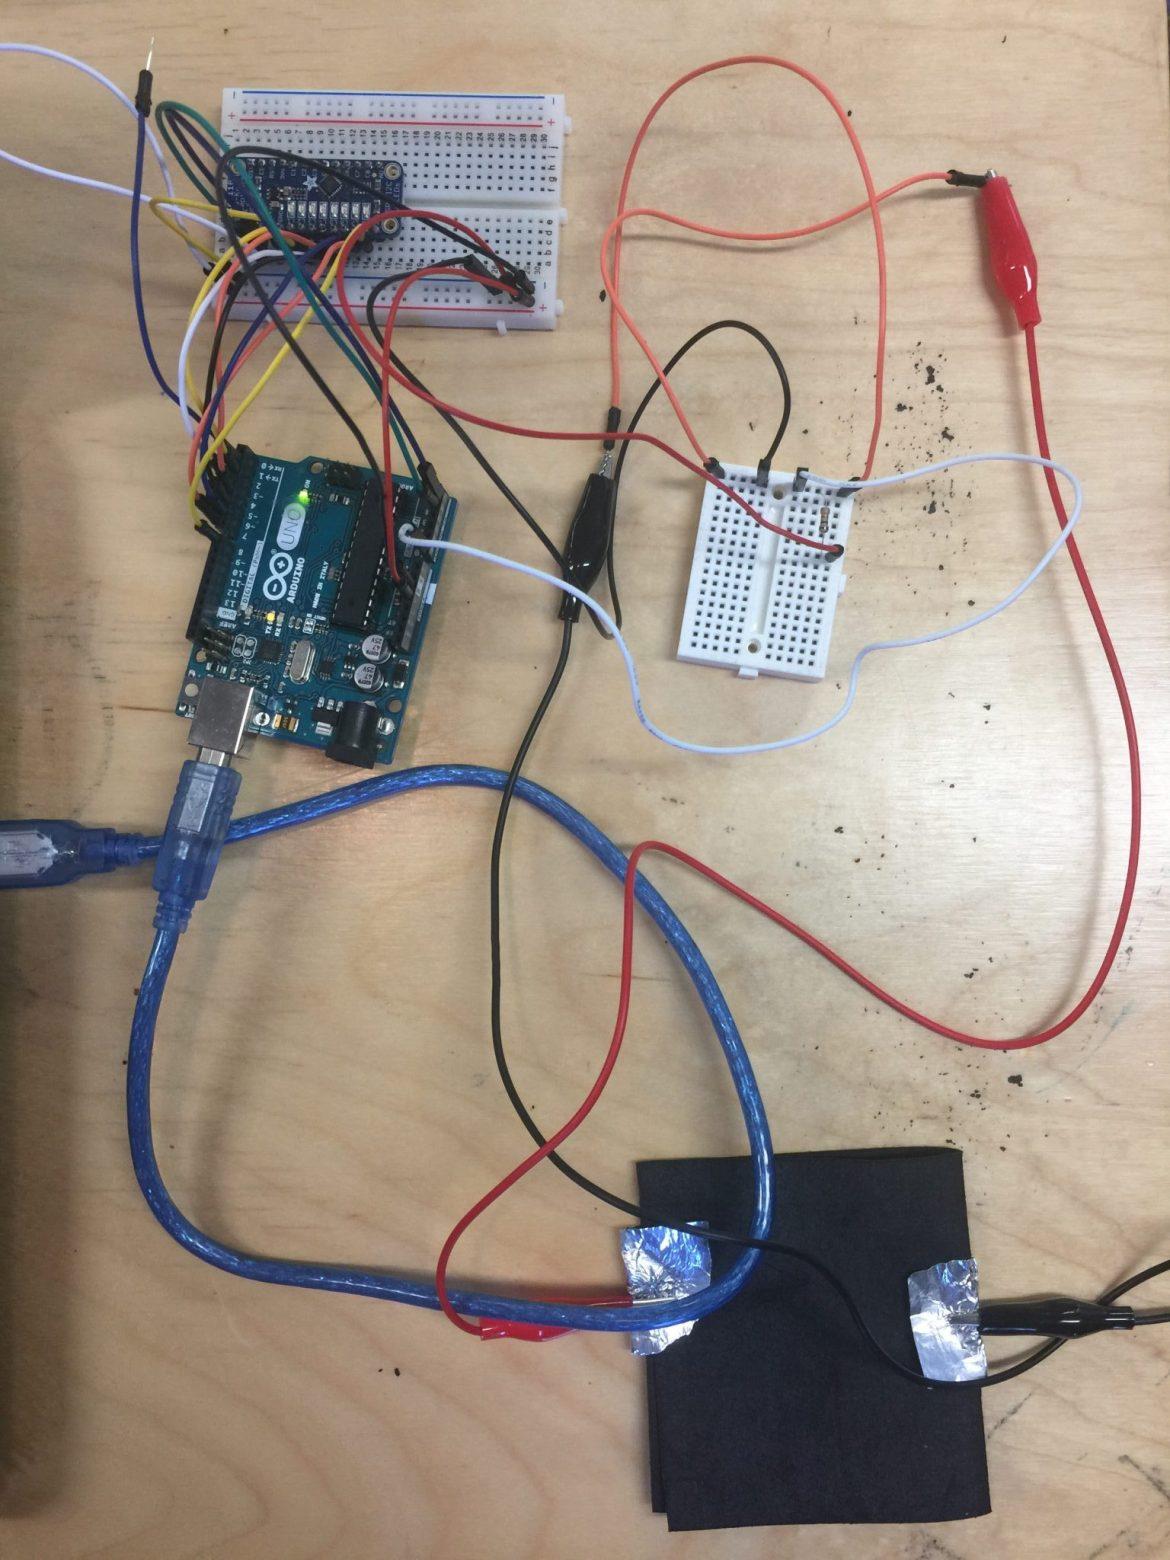 8-pad and sensor